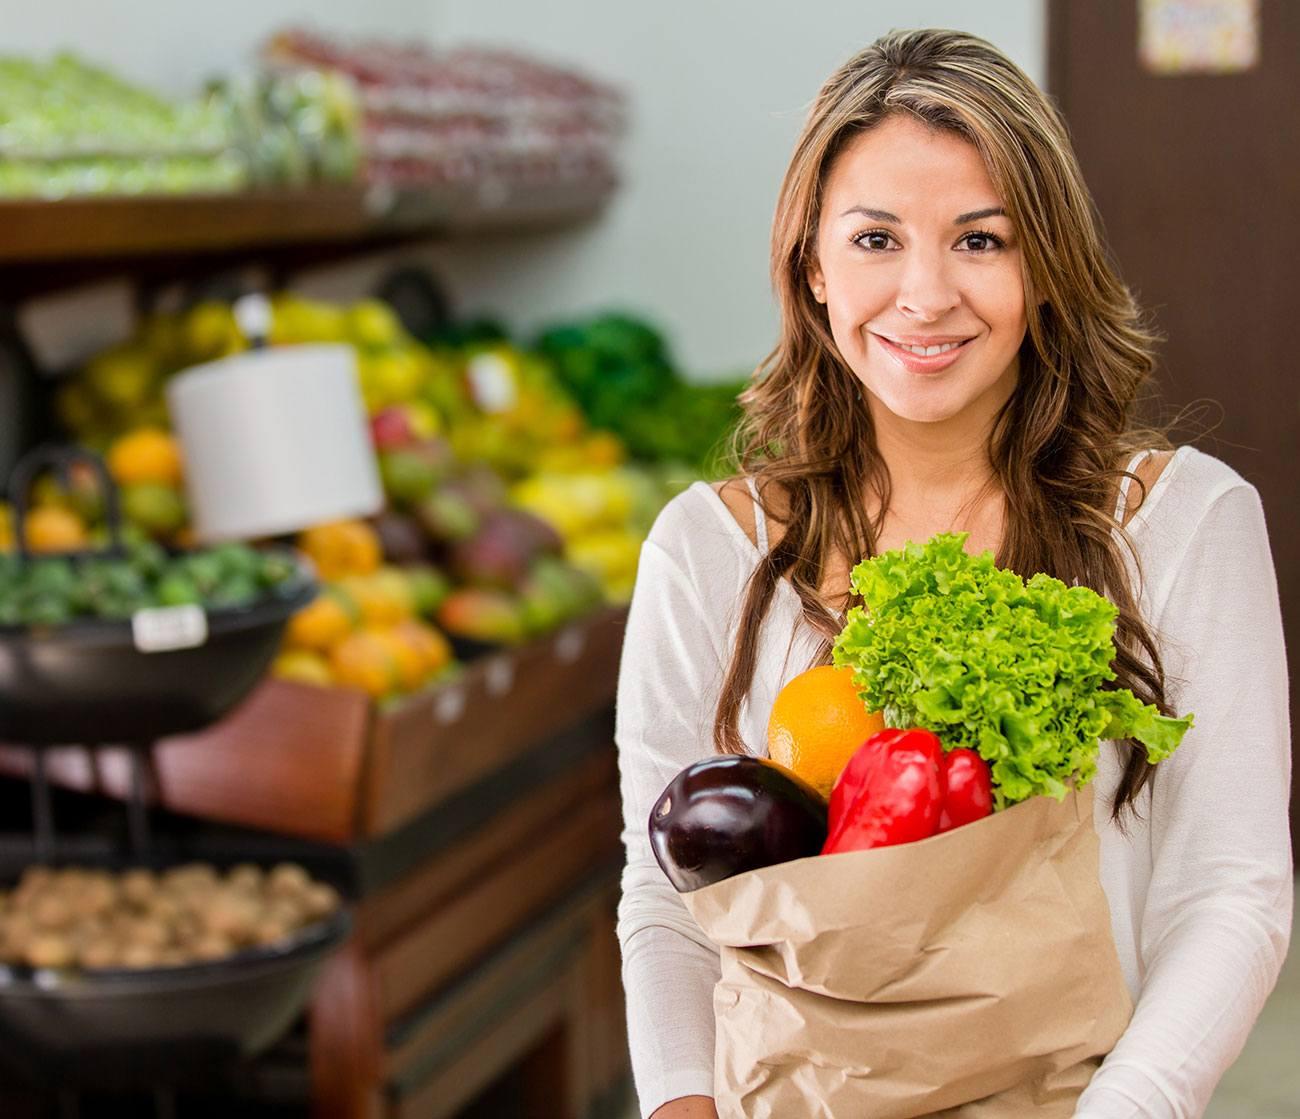 Cardápio pró-imunidade: veja quais alimentos podem turbinar sua saúde e afastar doenças